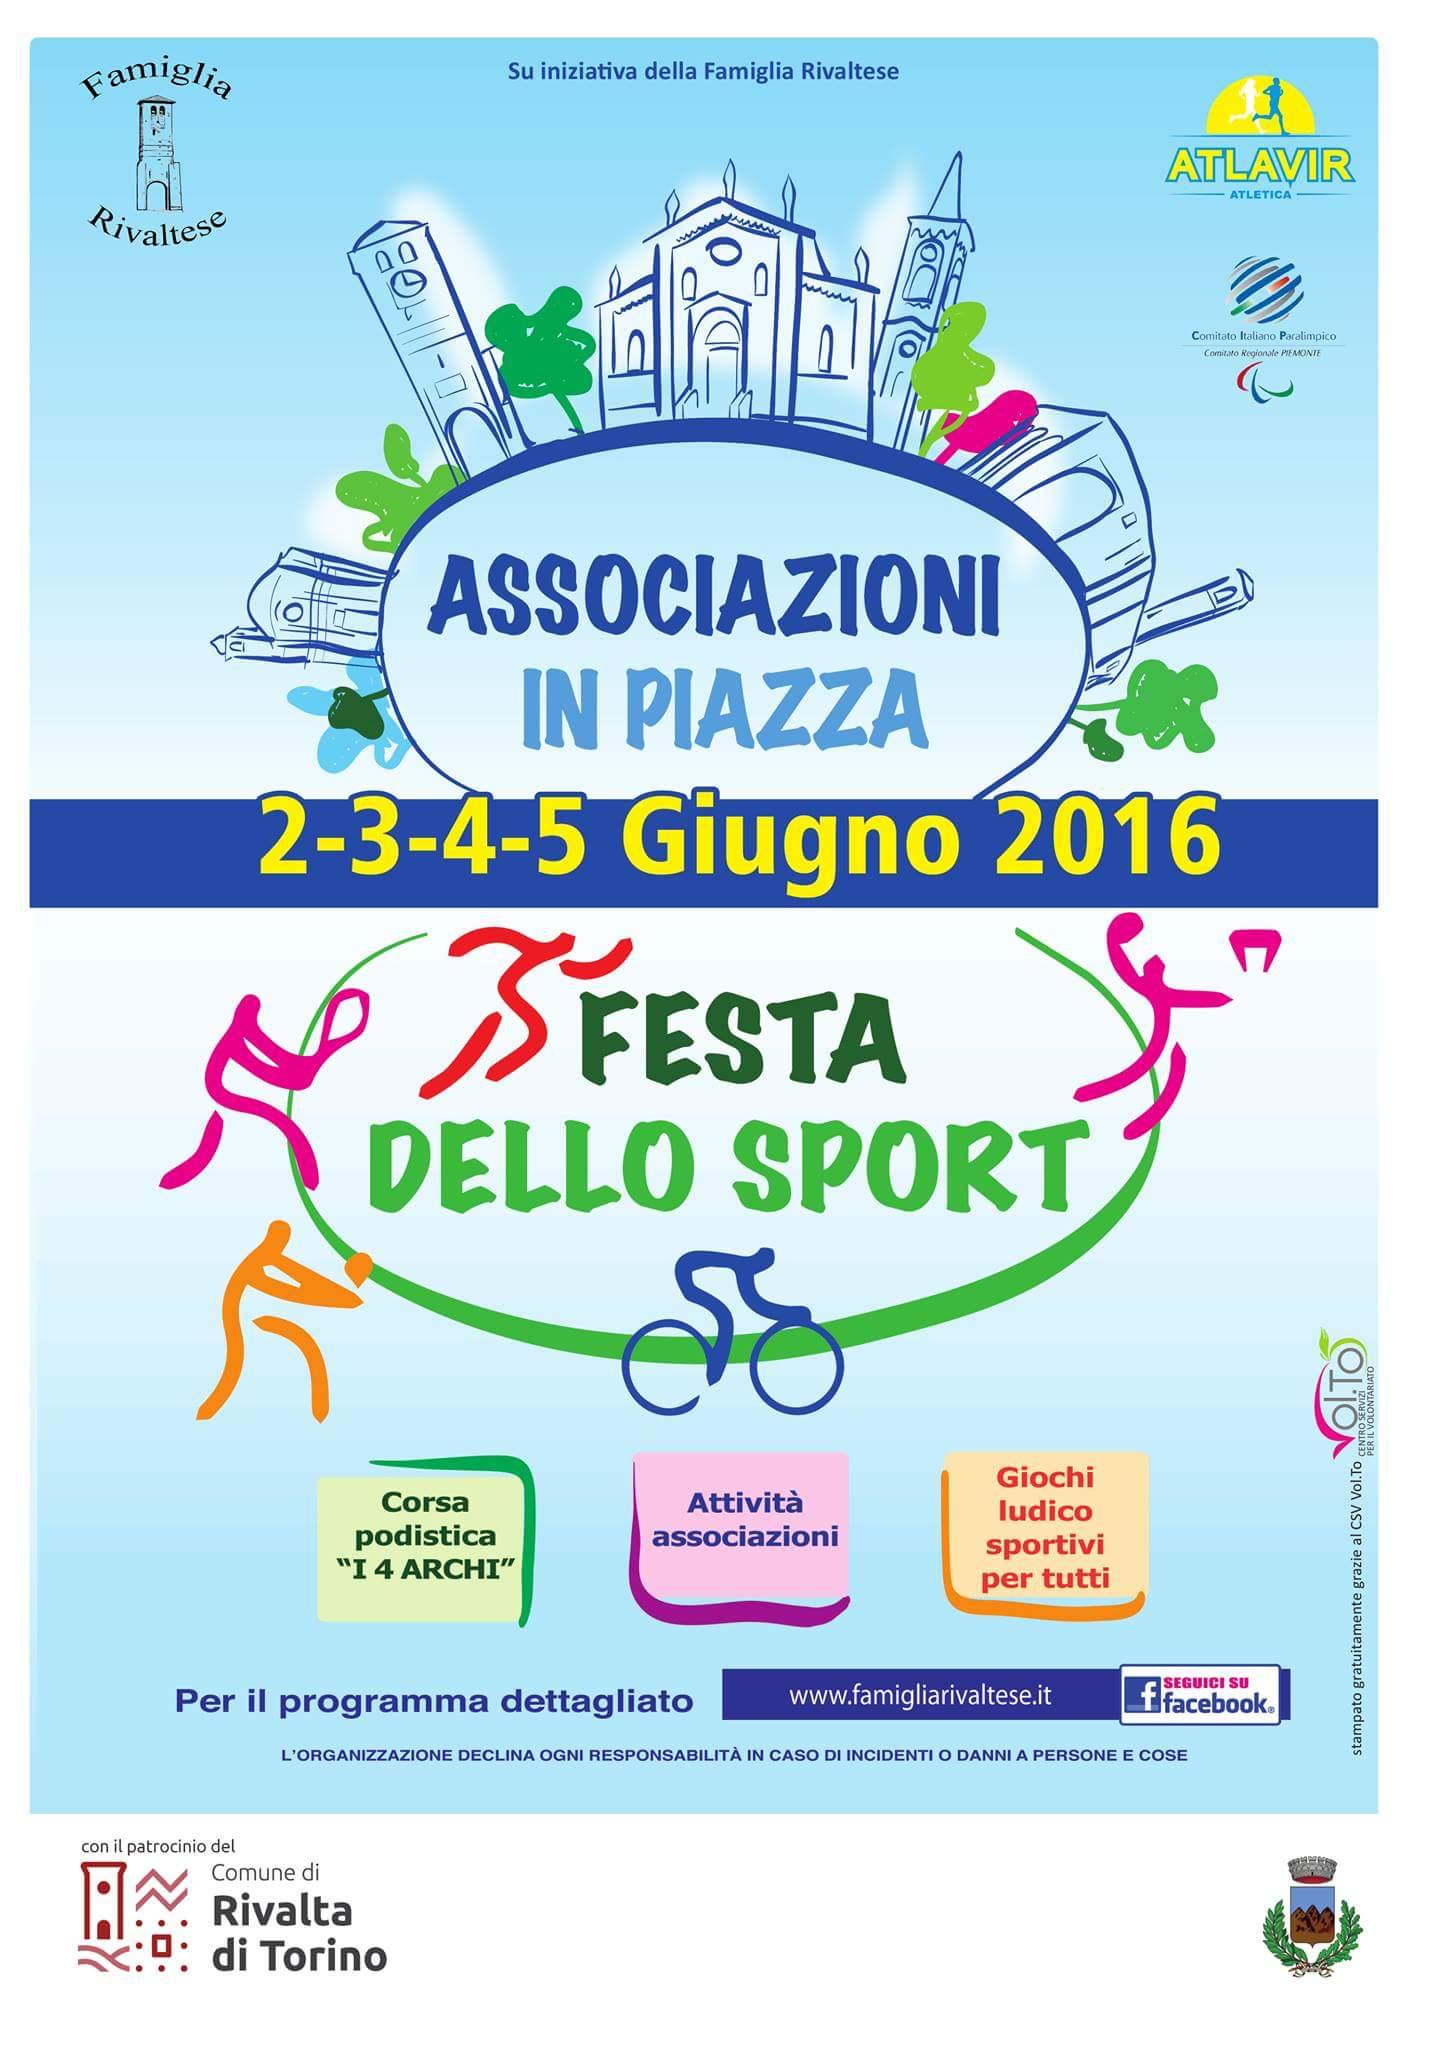 Festa della repubblica: Associazioni in piazza a Rivalta